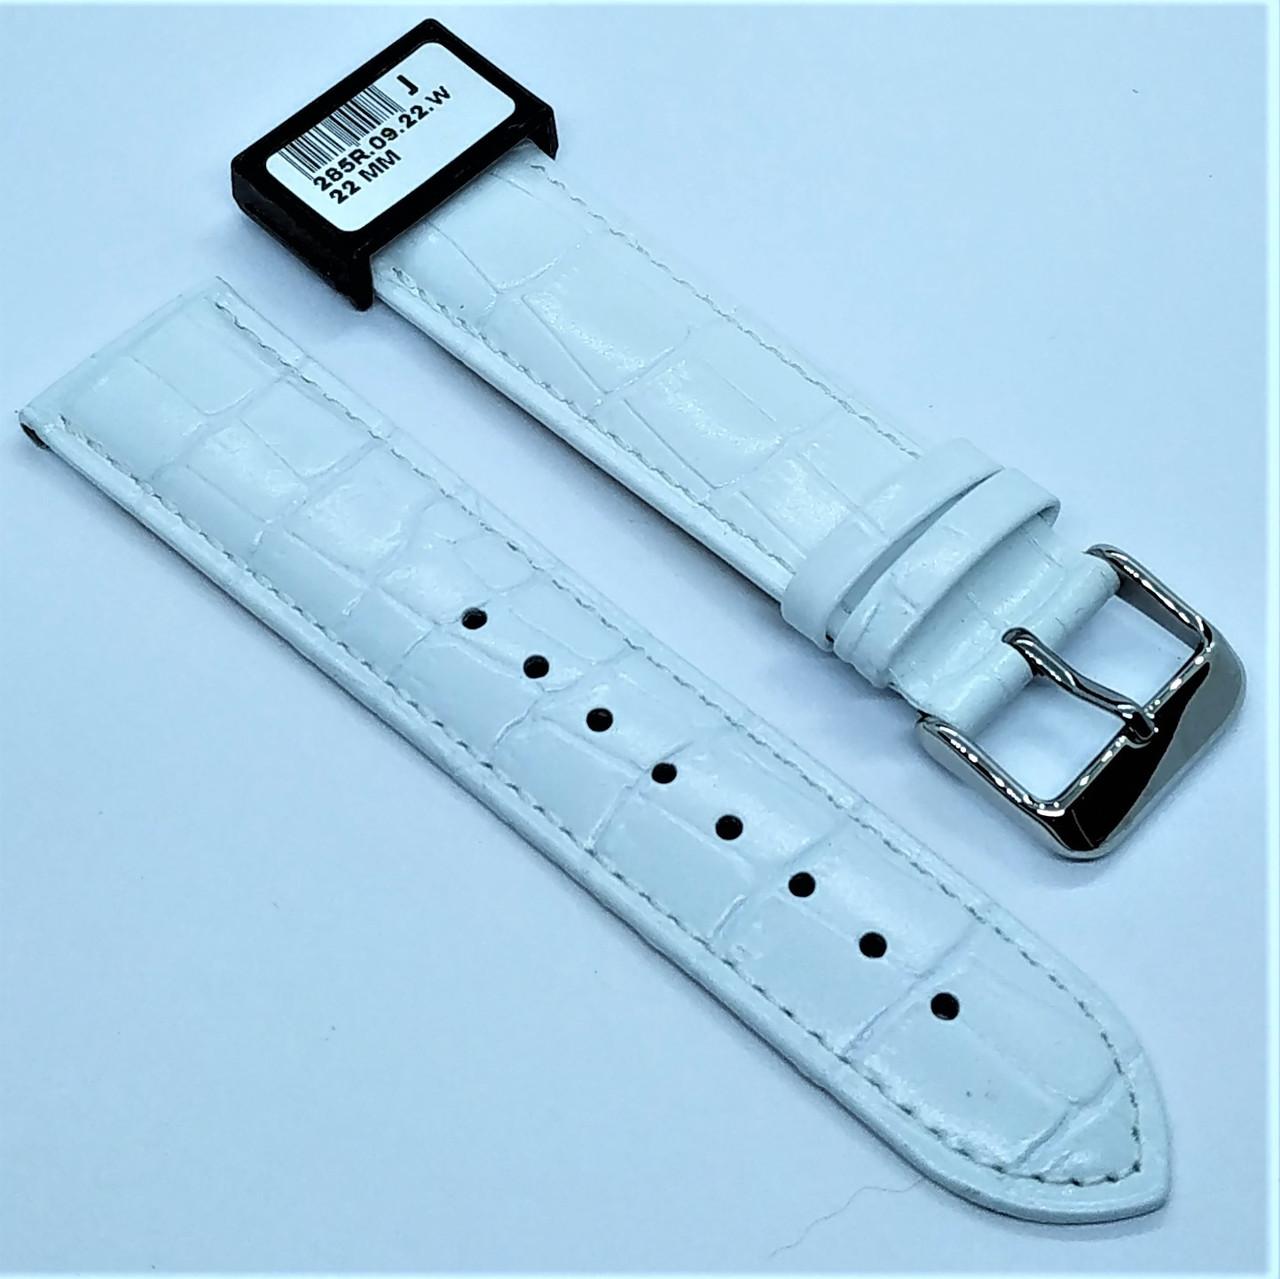 22 мм Кожаный Ремешок для часов CONDOR 285.22.09 Белый Ремешок на часы из Натуральной кожи